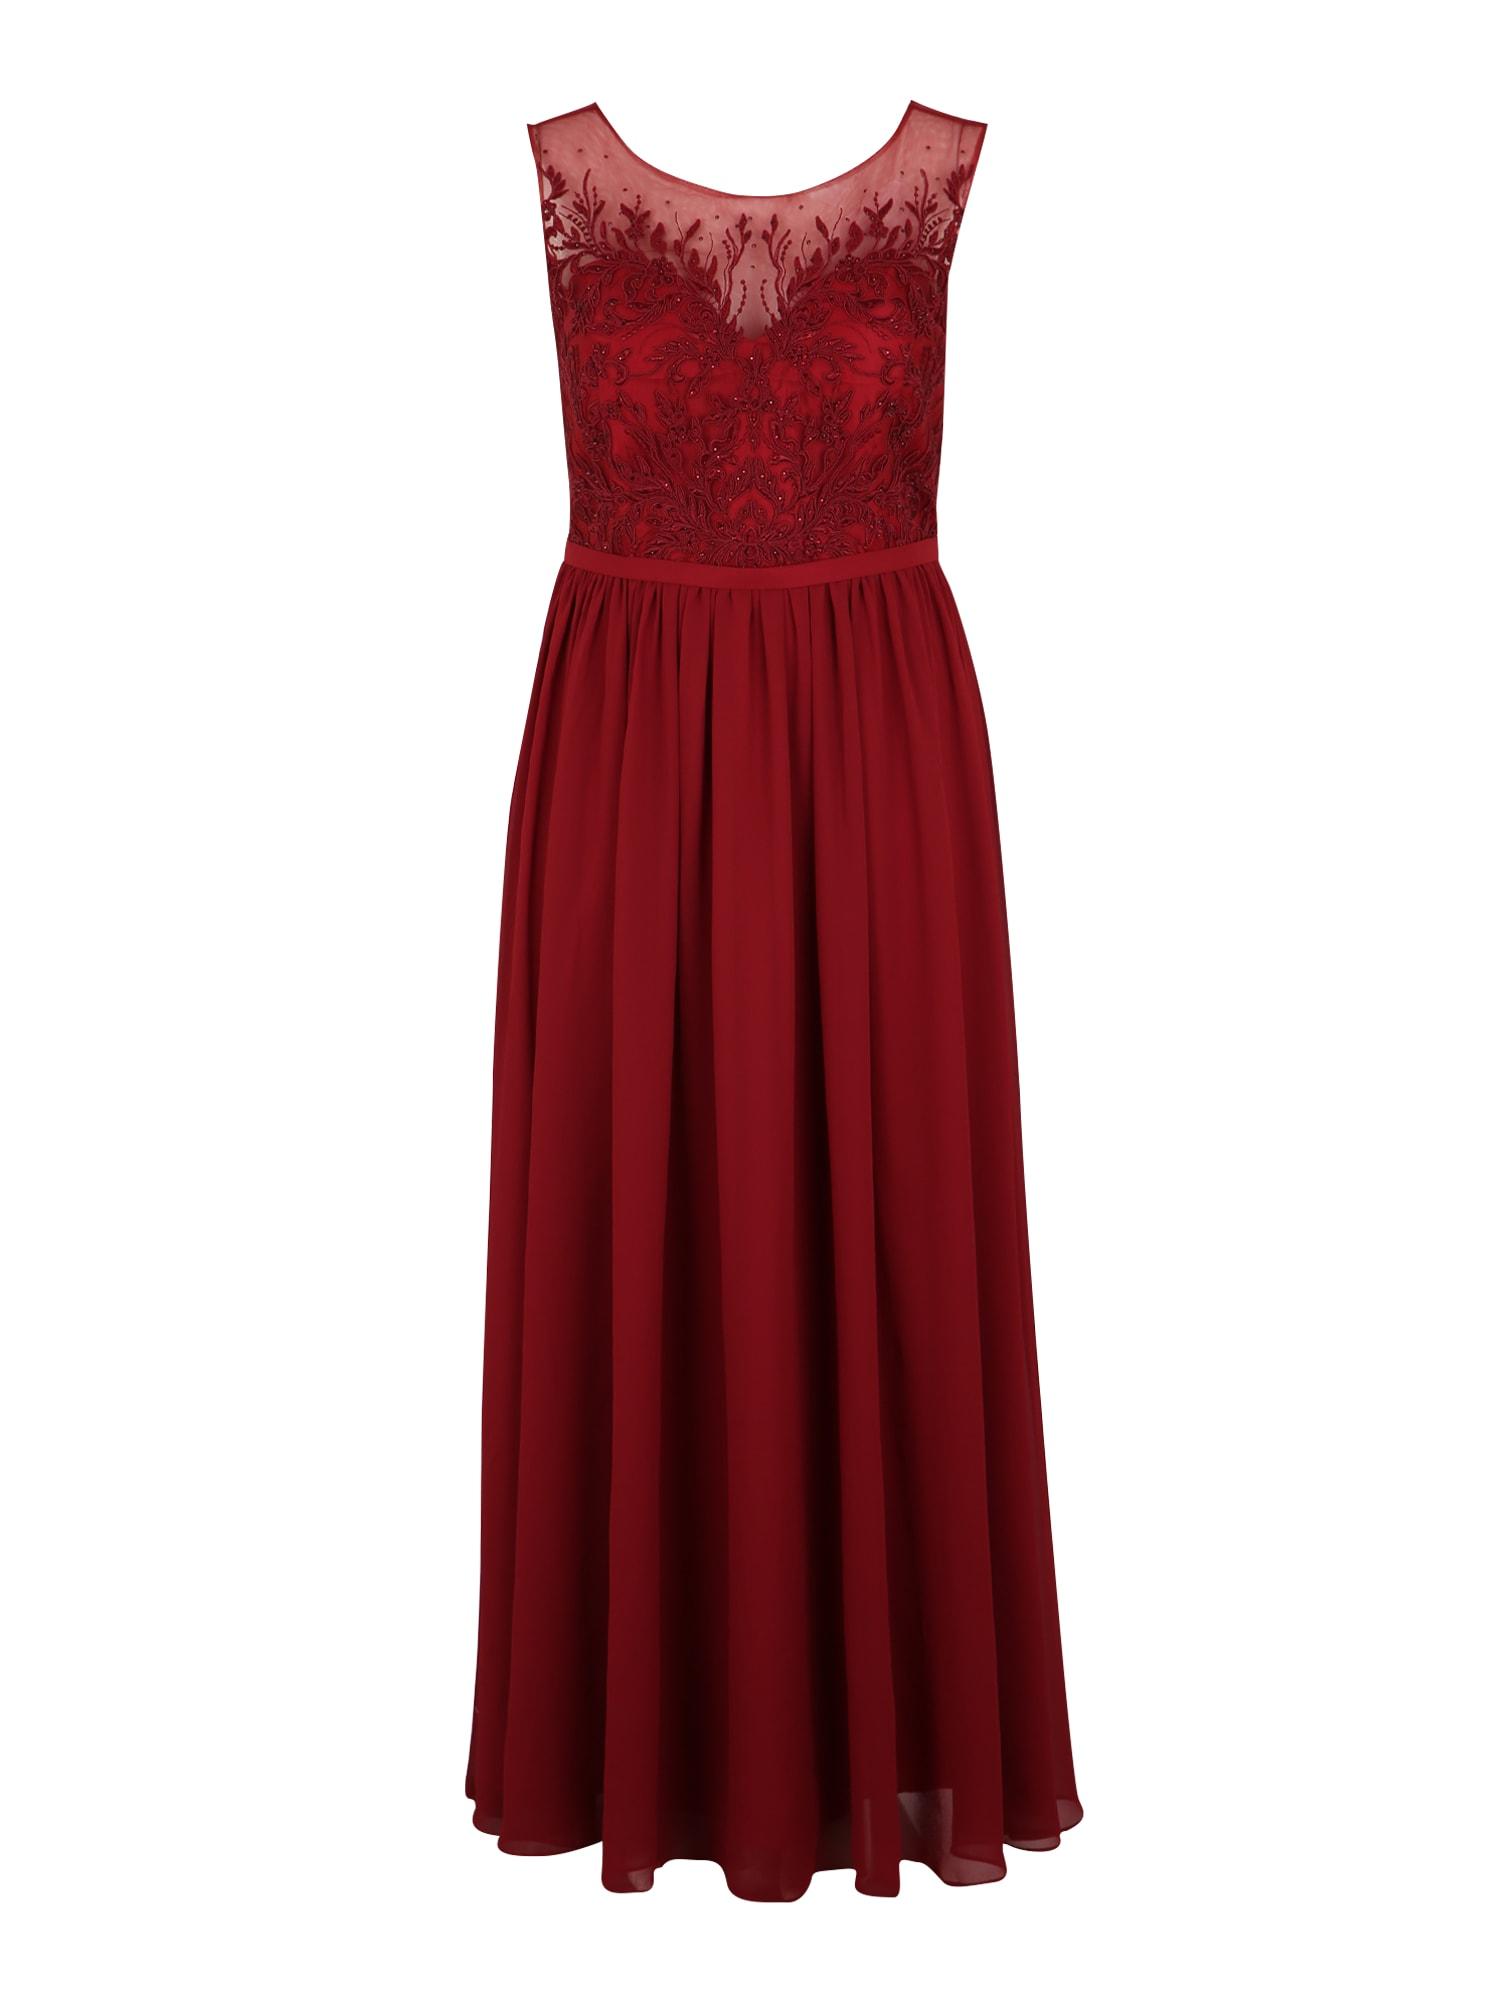 My Mascara Curves Vakarinė suknelė 'LACE SHOULDER' raudona